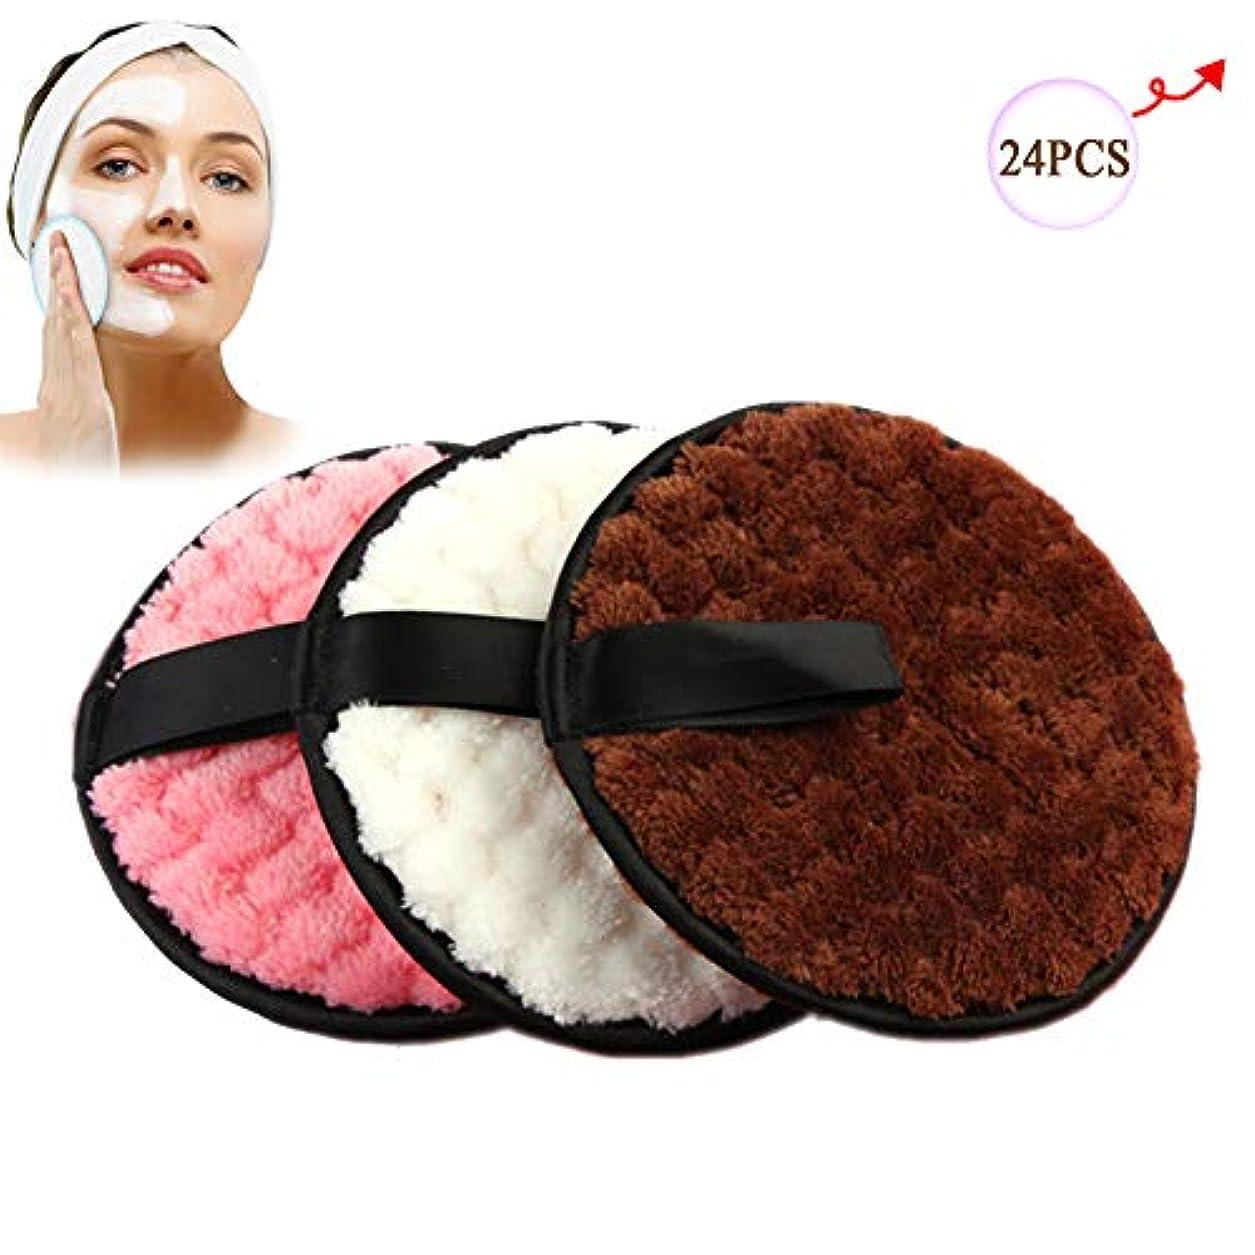 地下室長方形ルームリムーバーパッド、再利用可能なクレンジングコットンファイバー吸収性綿パッド女性のための顔/目/唇,24PCS